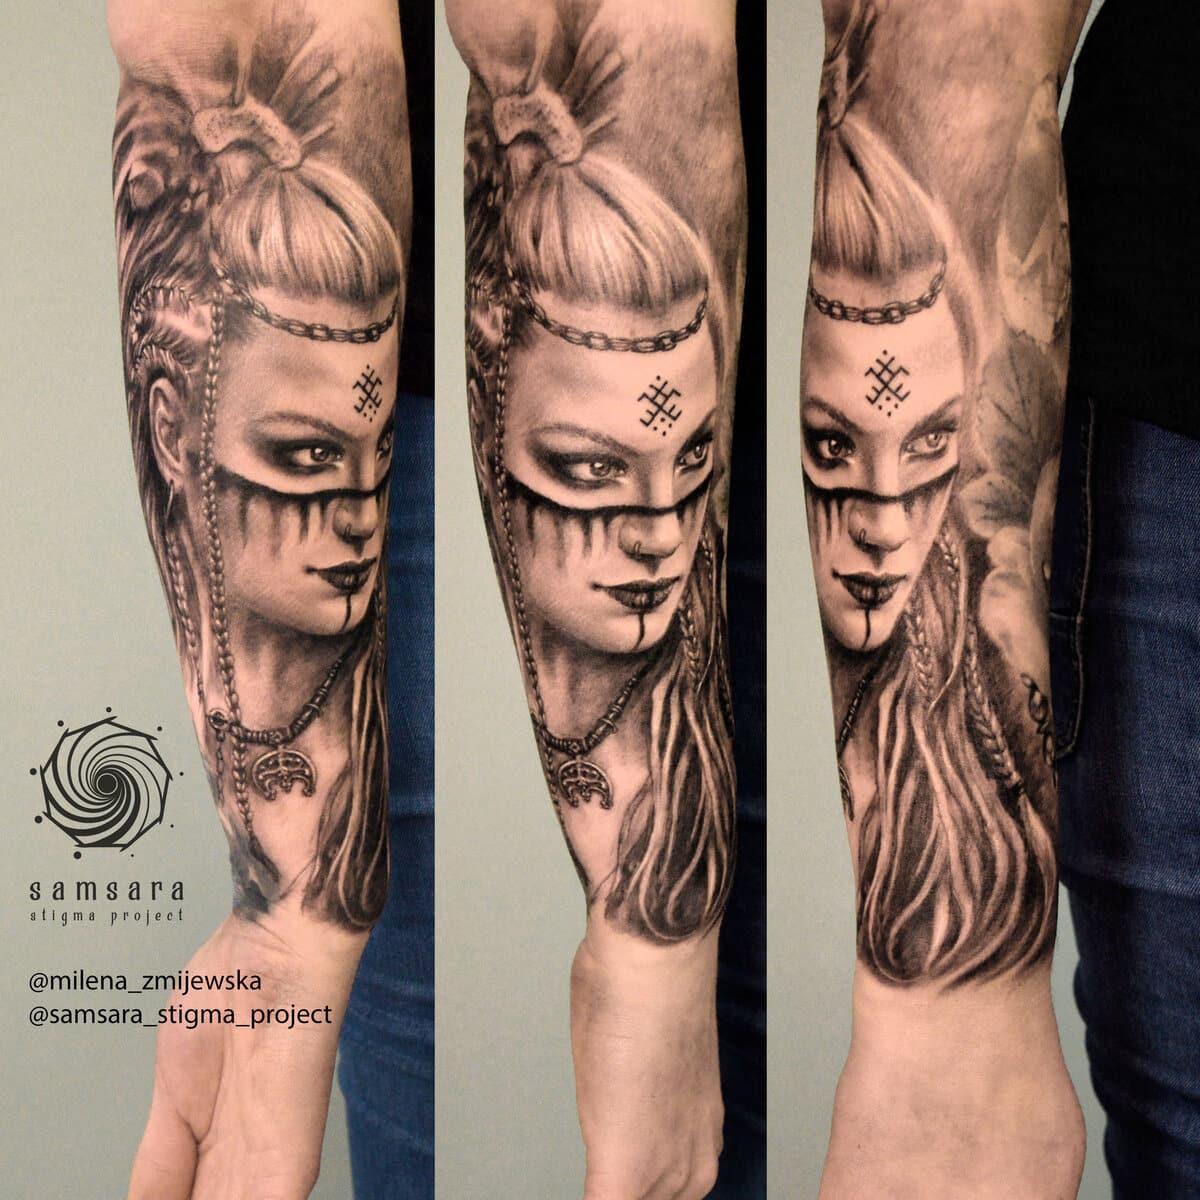 milena-zmijewska-tattoo-artist-szamanka